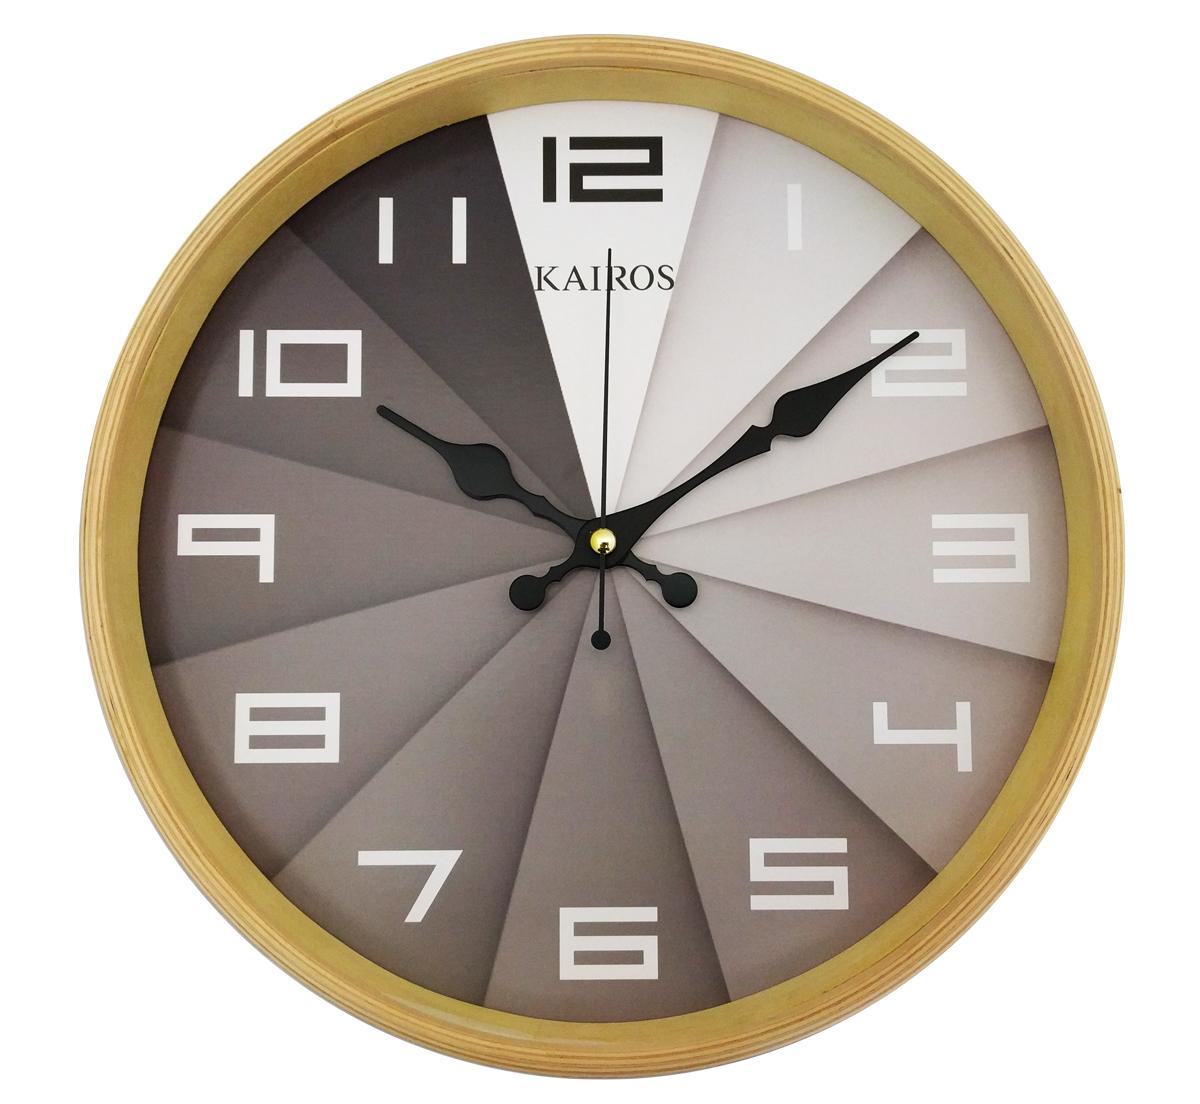 Вы можете узнать цены, заказать и купить настенные часы через интернет или найти адрес пункта выдачи магазина куда может быть доставлен нужный вам товар.